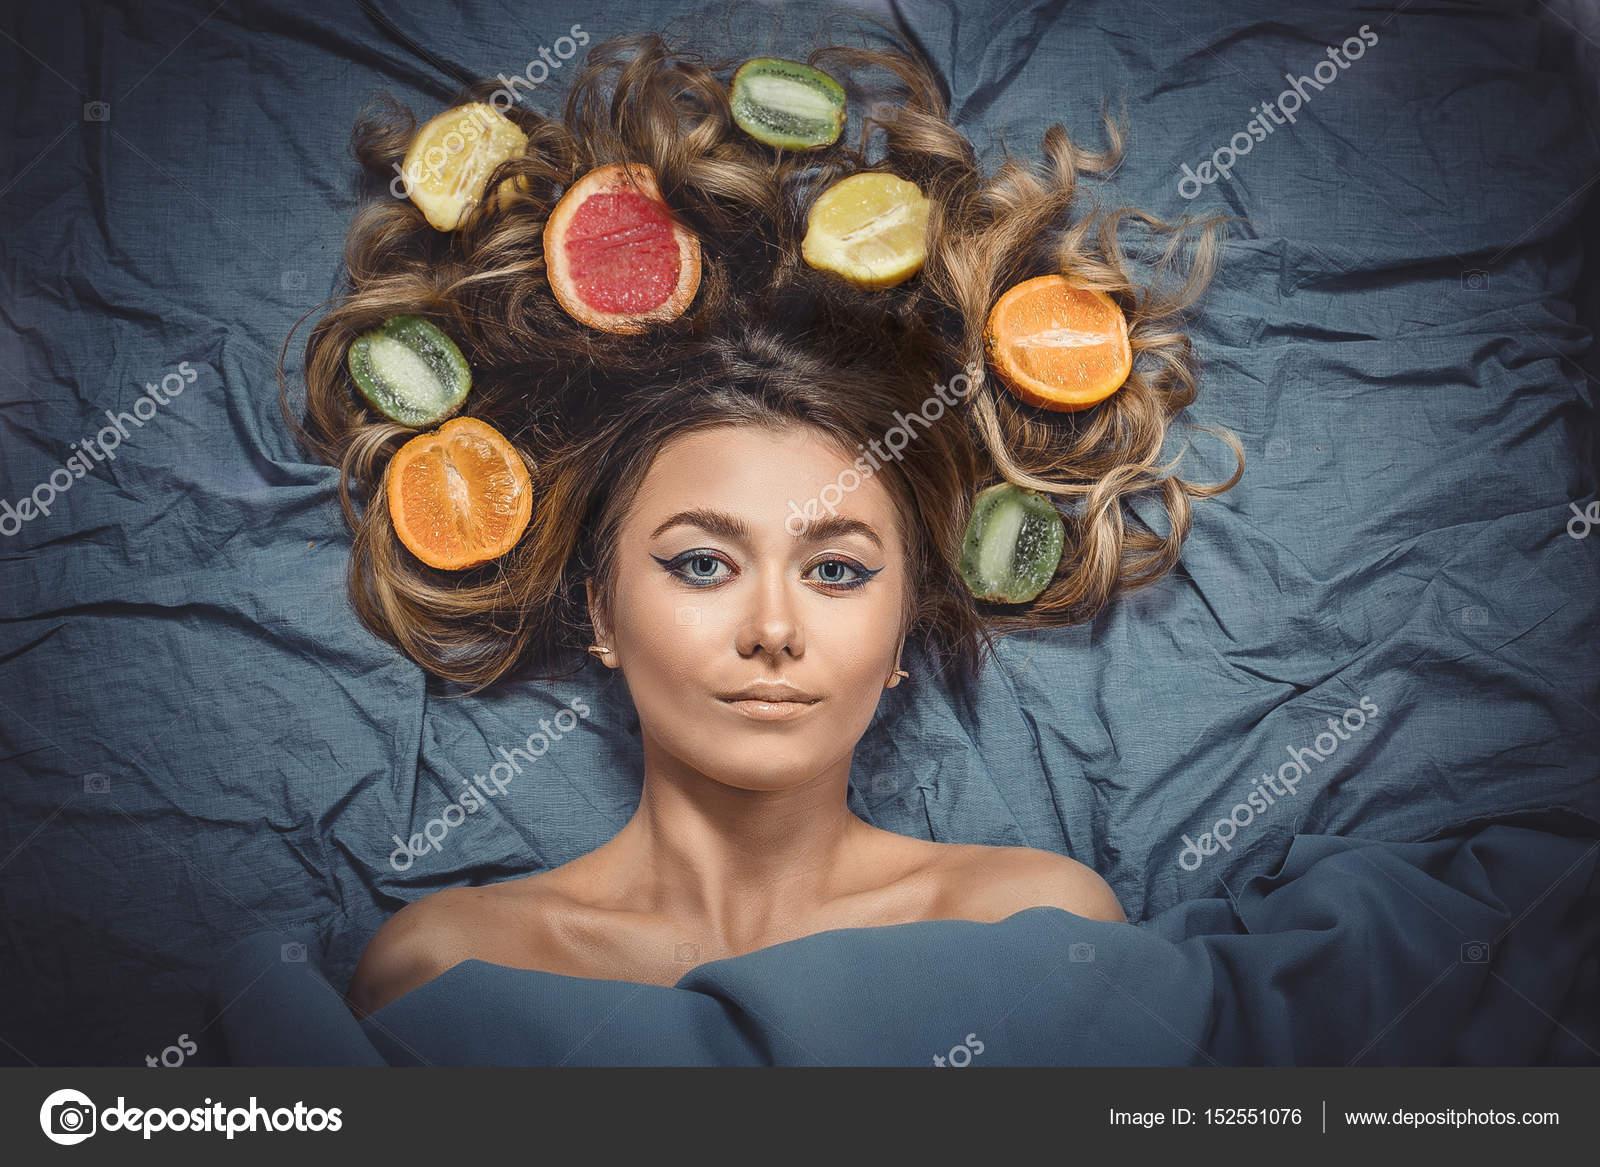 Красива модель чудова дівчина з барвистими цитрусові здорові в її блискучі  волосся. Догляд і волосся продукти. Концепція догляду за волоссям. ea8b234b393fe